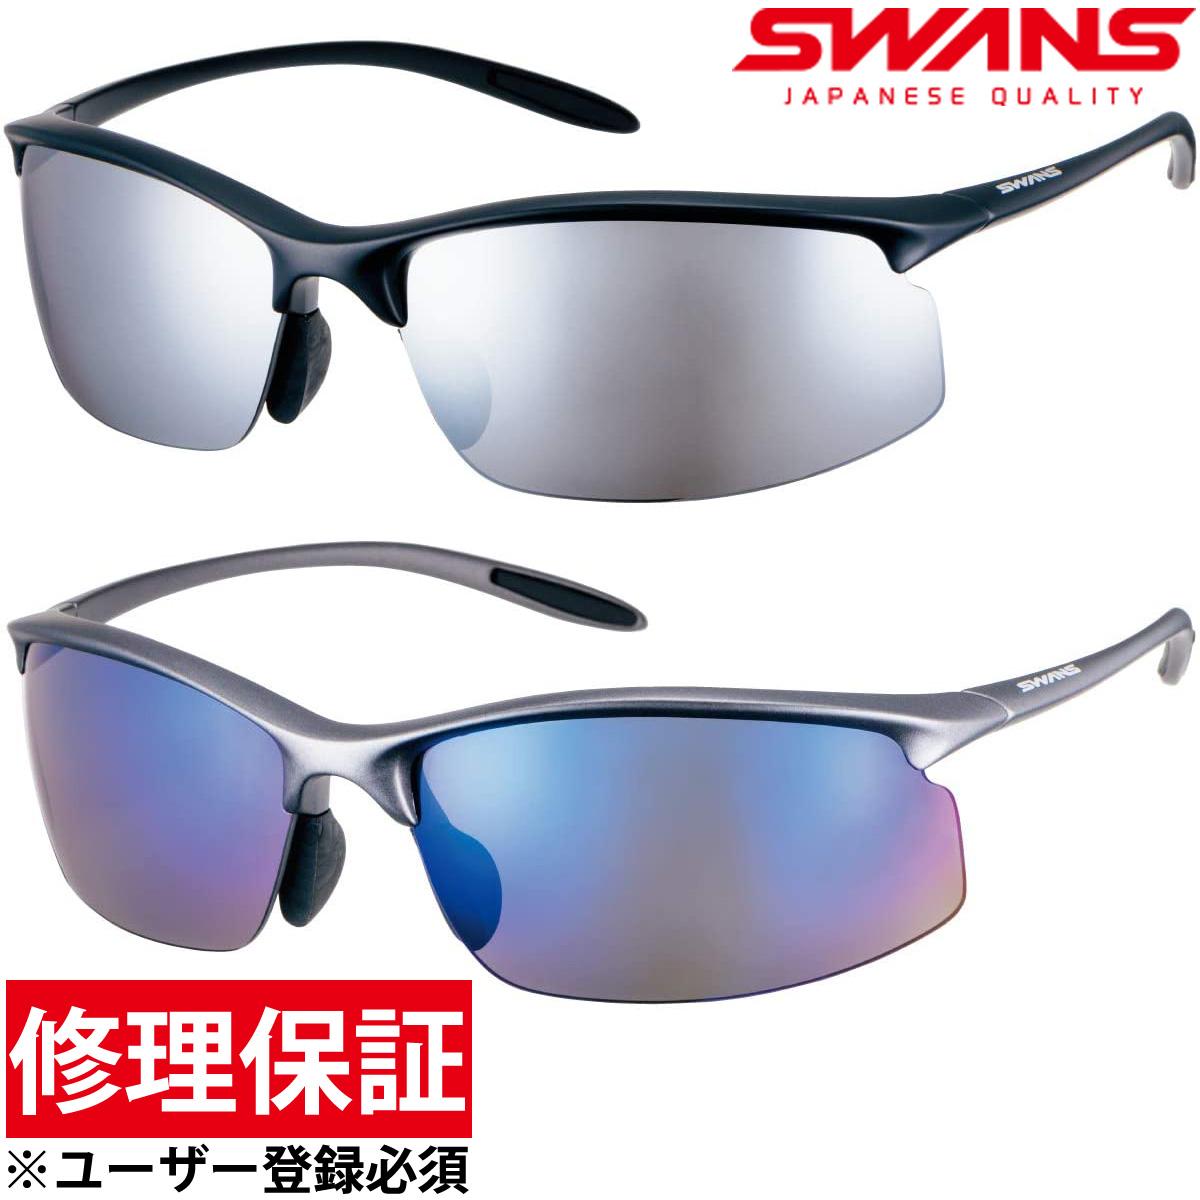 スワンズ SWANS ブランド 紫外線カット 偏光サングラス ゴルフ ドライブ 運転 釣り 野球 テニス 人気海外一番 チープ スポーツ Airless-Moveシリーズ エアレス 偏光レンズモデル メンズ SAMV-0751 SAMV-1051 UVカット ムーブ